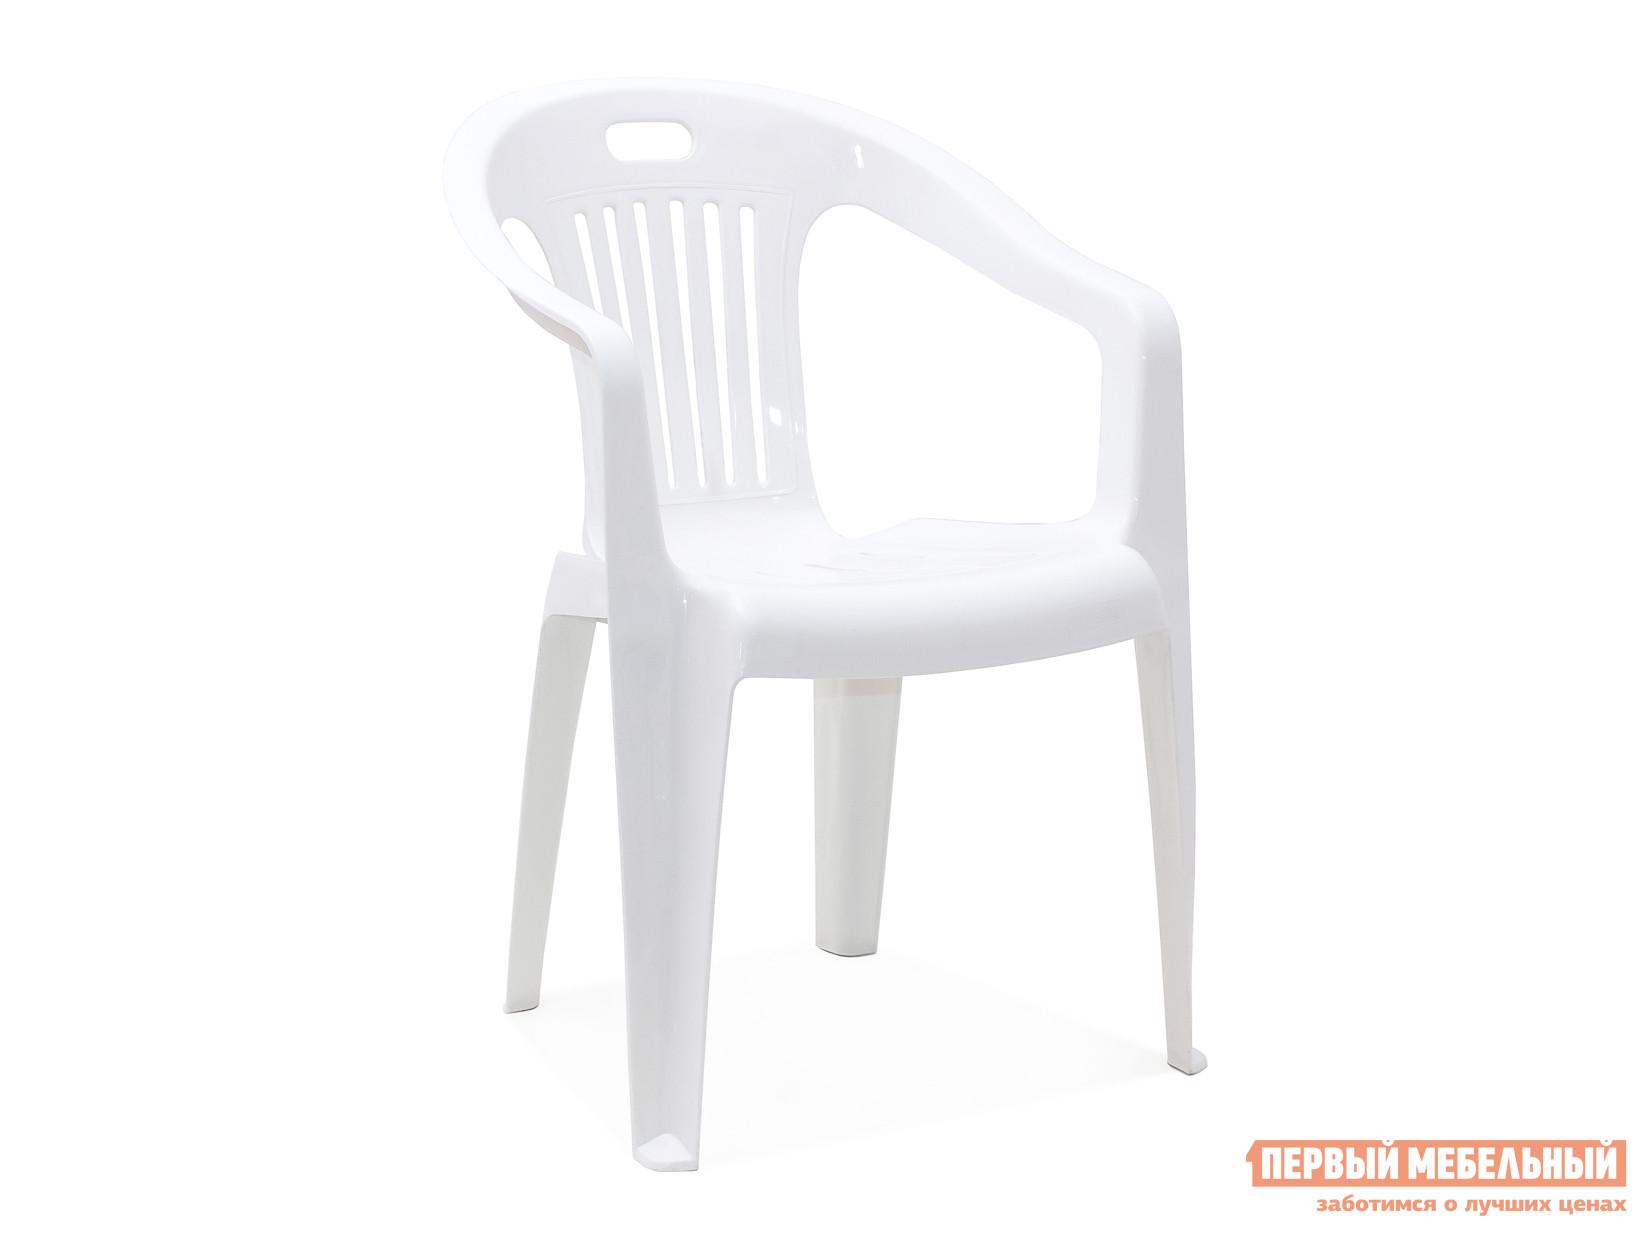 Пластиковый стул Стандарт Пластик Кресло №5 Комфорт-1 (540x535x780мм) БелыйПластиковые стулья<br>Габаритные размеры ВхШхГ 780x540x535 мм. Пластиковое кресло Комфорт простое и практичное.  Оформление спинки кресла обеспечивает отличную вентиляцию, благодаря этому в нем удобно сидеть даже в жаркую погоду.  Также спинка оснащена прорезью для удобной транспортировки кресла.  Изделие оборудовано подлокотниками, их функциональное назначение – сделать пребывание в кресле максимально удобным и приятным. Высота изделия от пола до сиденья составляет 37 см. Пластиковая мебель уникальна сочетанием таких качеств, как повышенная прочность (легко выдерживает нагрузку до 120 кг) и предельная легкость (чуть больше 2 кг).  Мебельные изделия демократичны, хорошо подходят для меблировки дачи, зоны отдыха или летнего кафе.  Пластиковая мебель не боится перепадов температур, повышенной влажности.  Такая мебель станет верным союзником в комфортном и гармоничном отдыхе.<br><br>Цвет: Белый<br>Высота мм: 780<br>Ширина мм: 540<br>Глубина мм: 535<br>Кол-во упаковок: 1<br>Форма поставки: В собранном виде<br>Срок гарантии: 1 год<br>С подлокотниками: Да